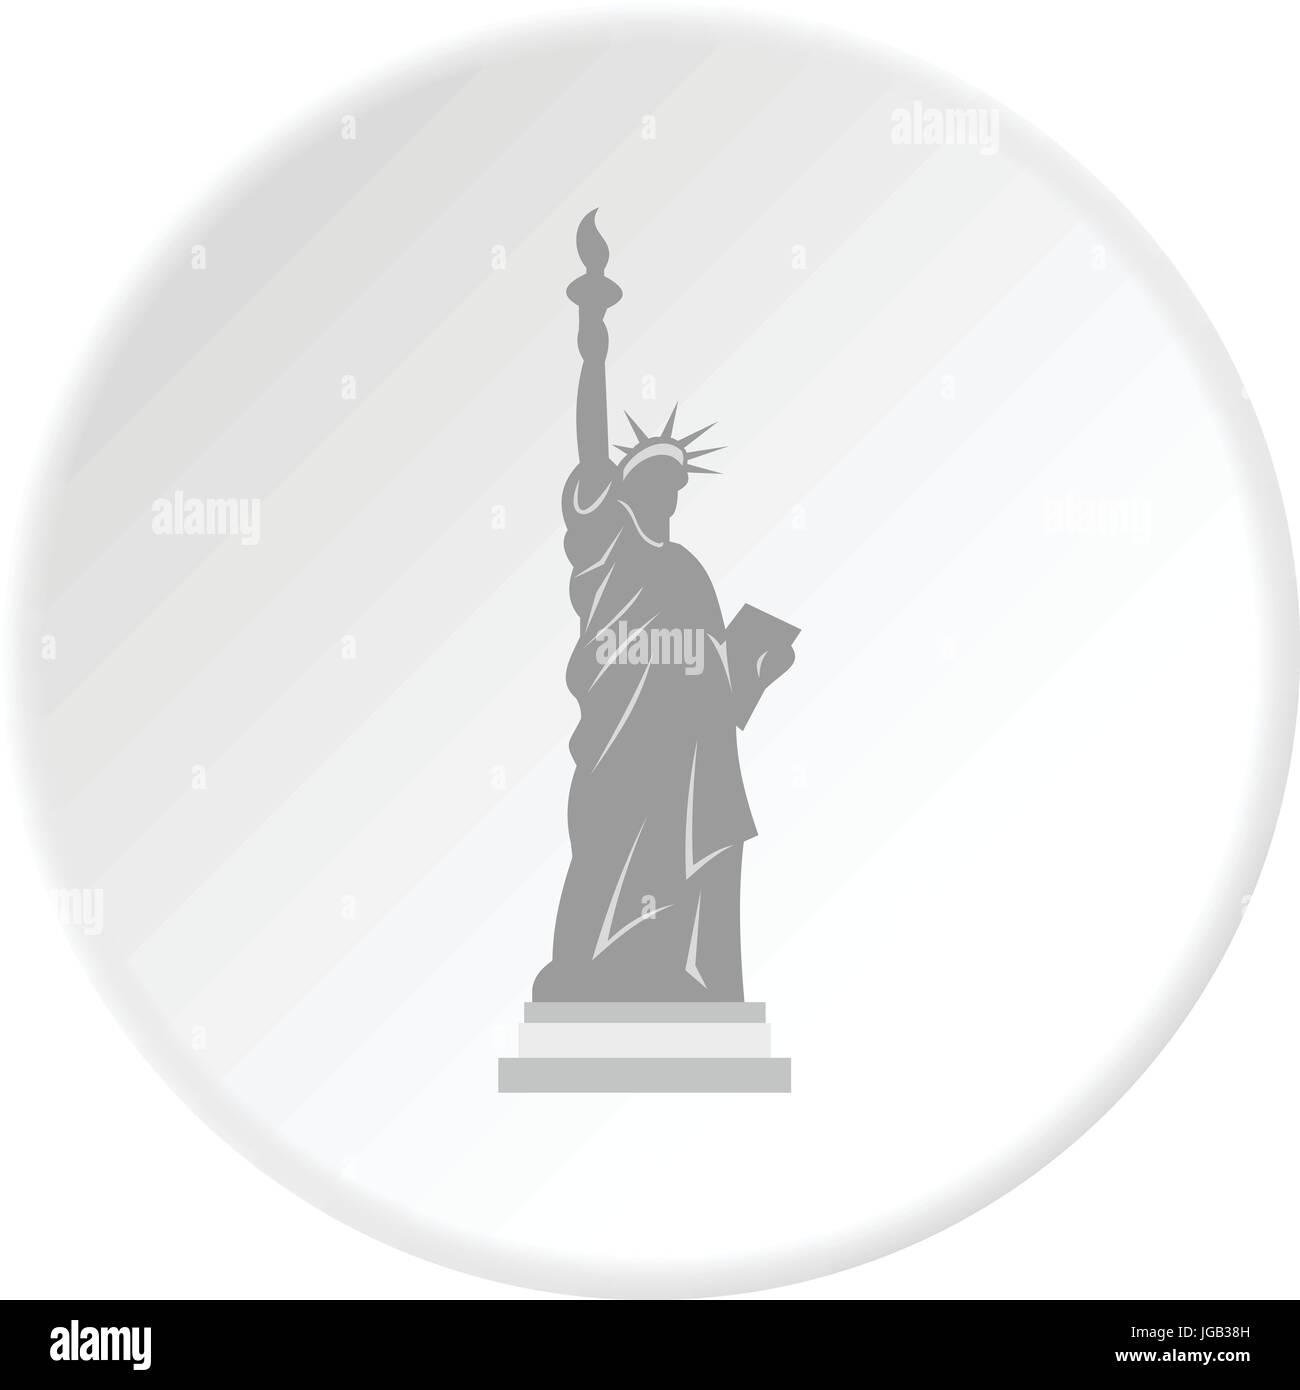 Großzügig Freiheitsstatue Gesicht Färbung Seite Fotos - Framing ...